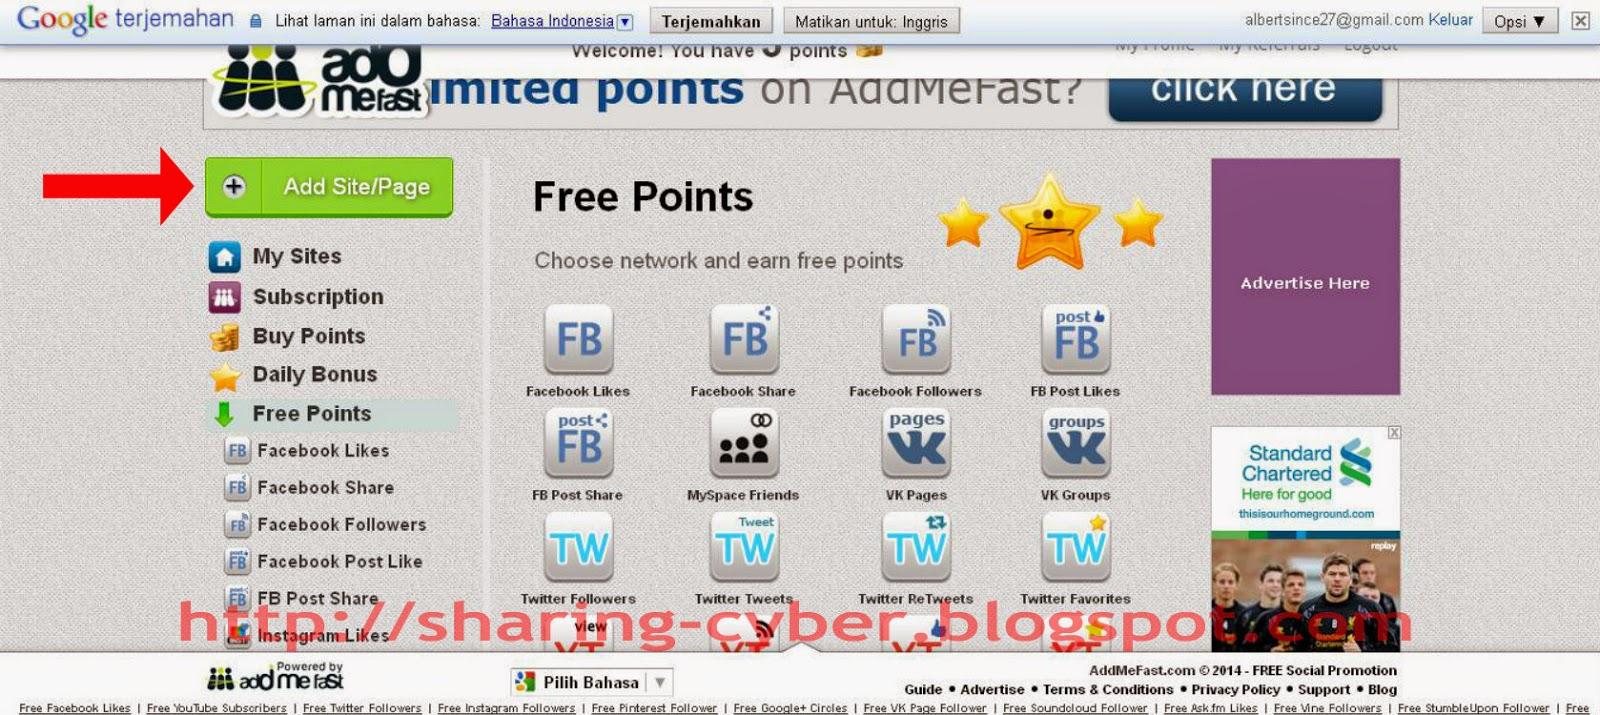 Cara Mudah Menambah Like Fanpage Facebook , Follower Twitter di Addmefast